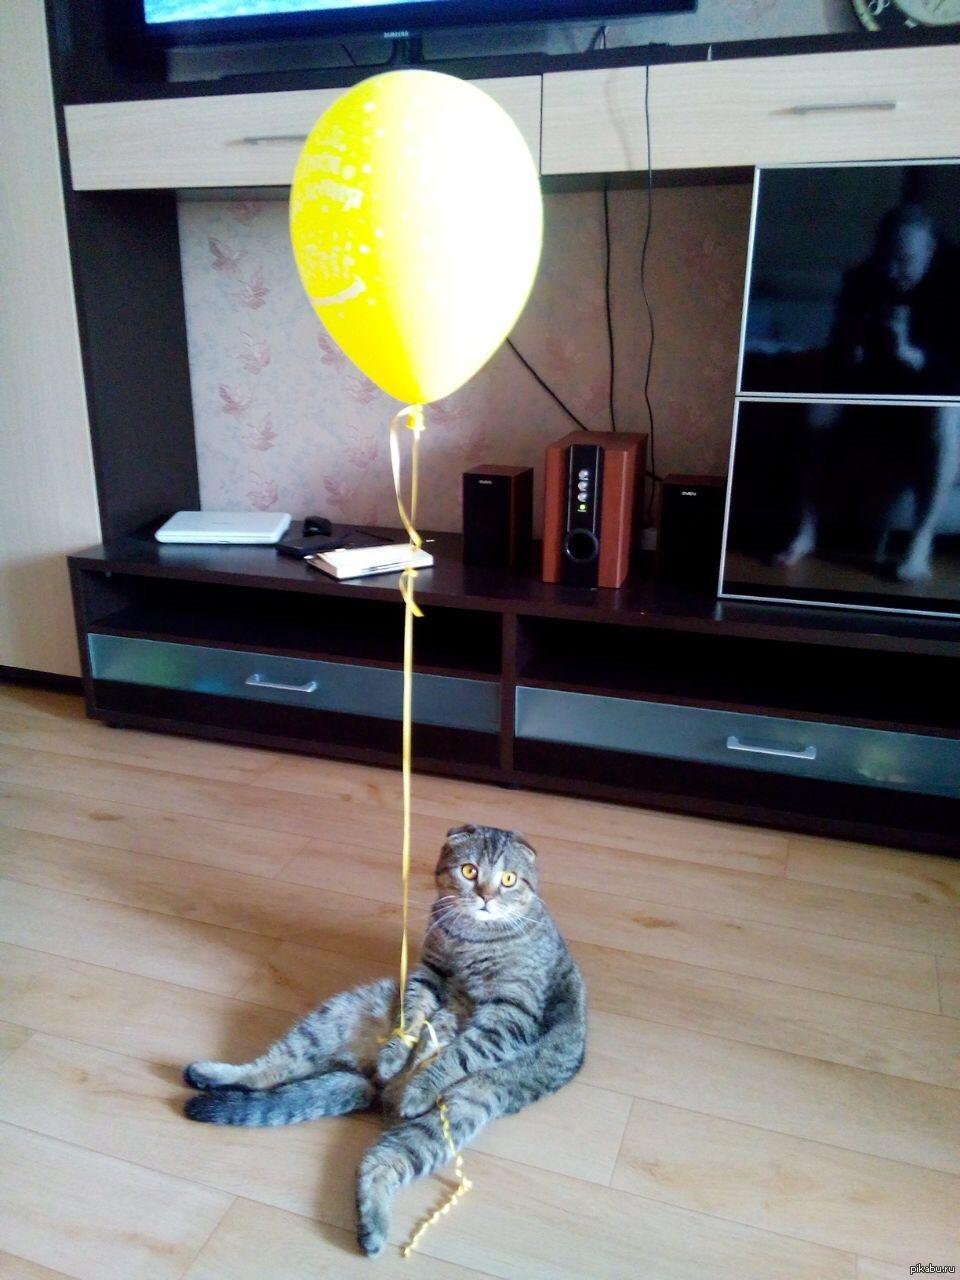 Май, смешные картинки у меня скоро день рождения